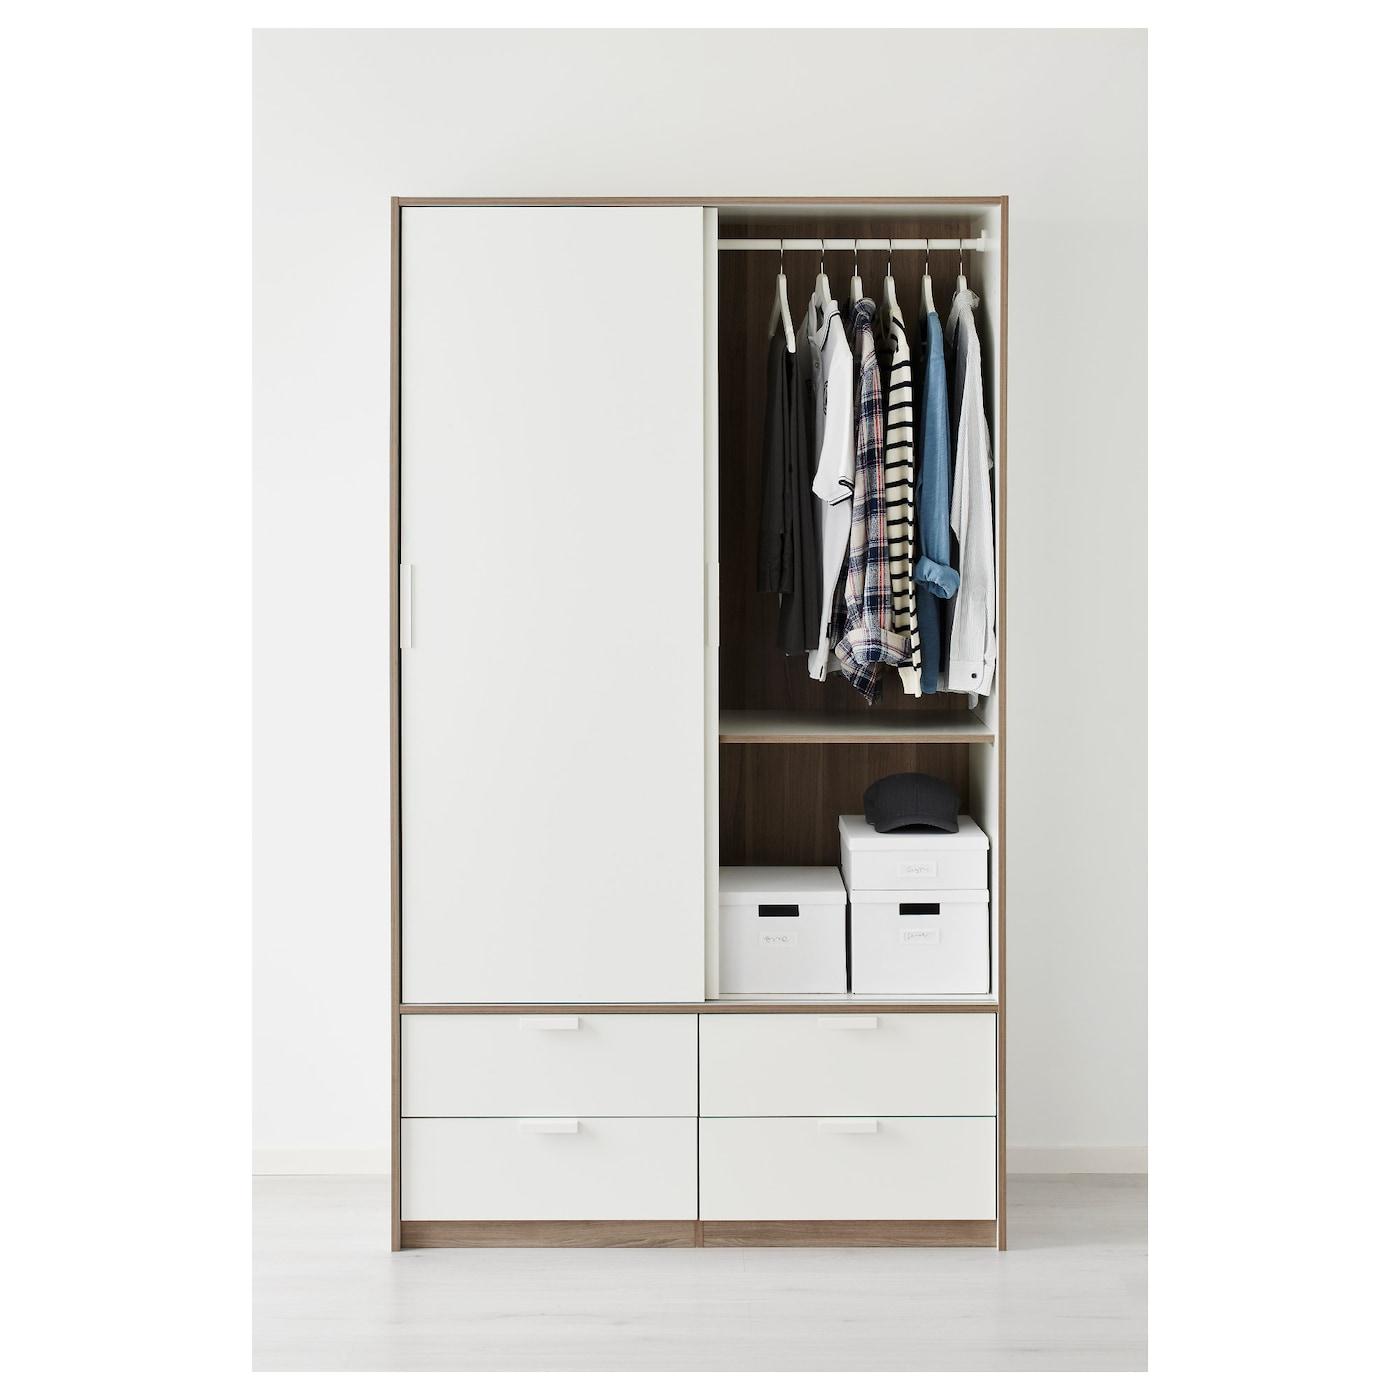 ikea trysil wardrobe w sliding doors 4 drawers smooth running drawers